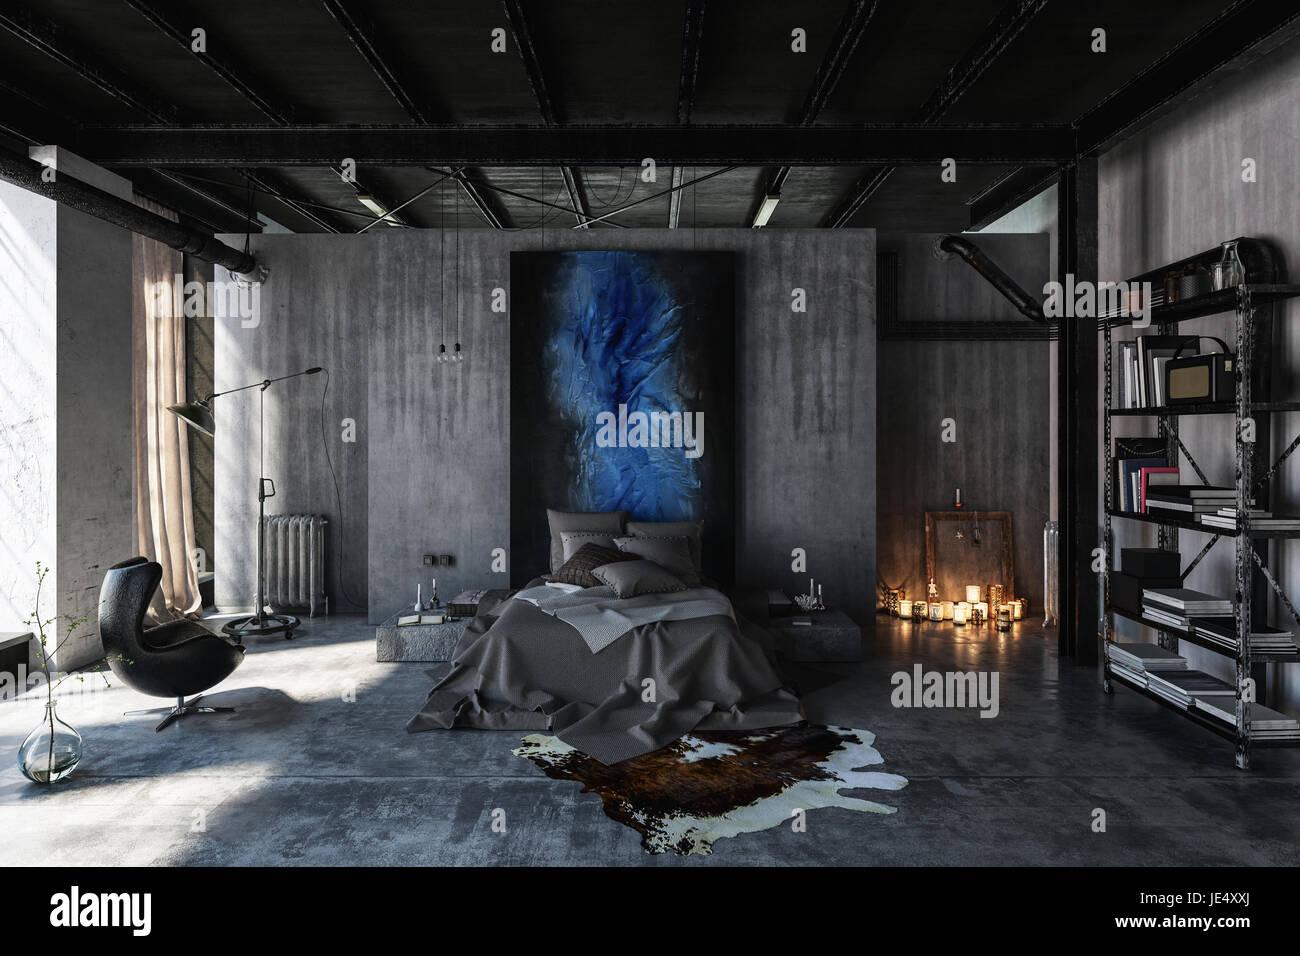 schlafzimmer im modernen schwarzen und grauen interior design im loft stil mit beton w nde und. Black Bedroom Furniture Sets. Home Design Ideas